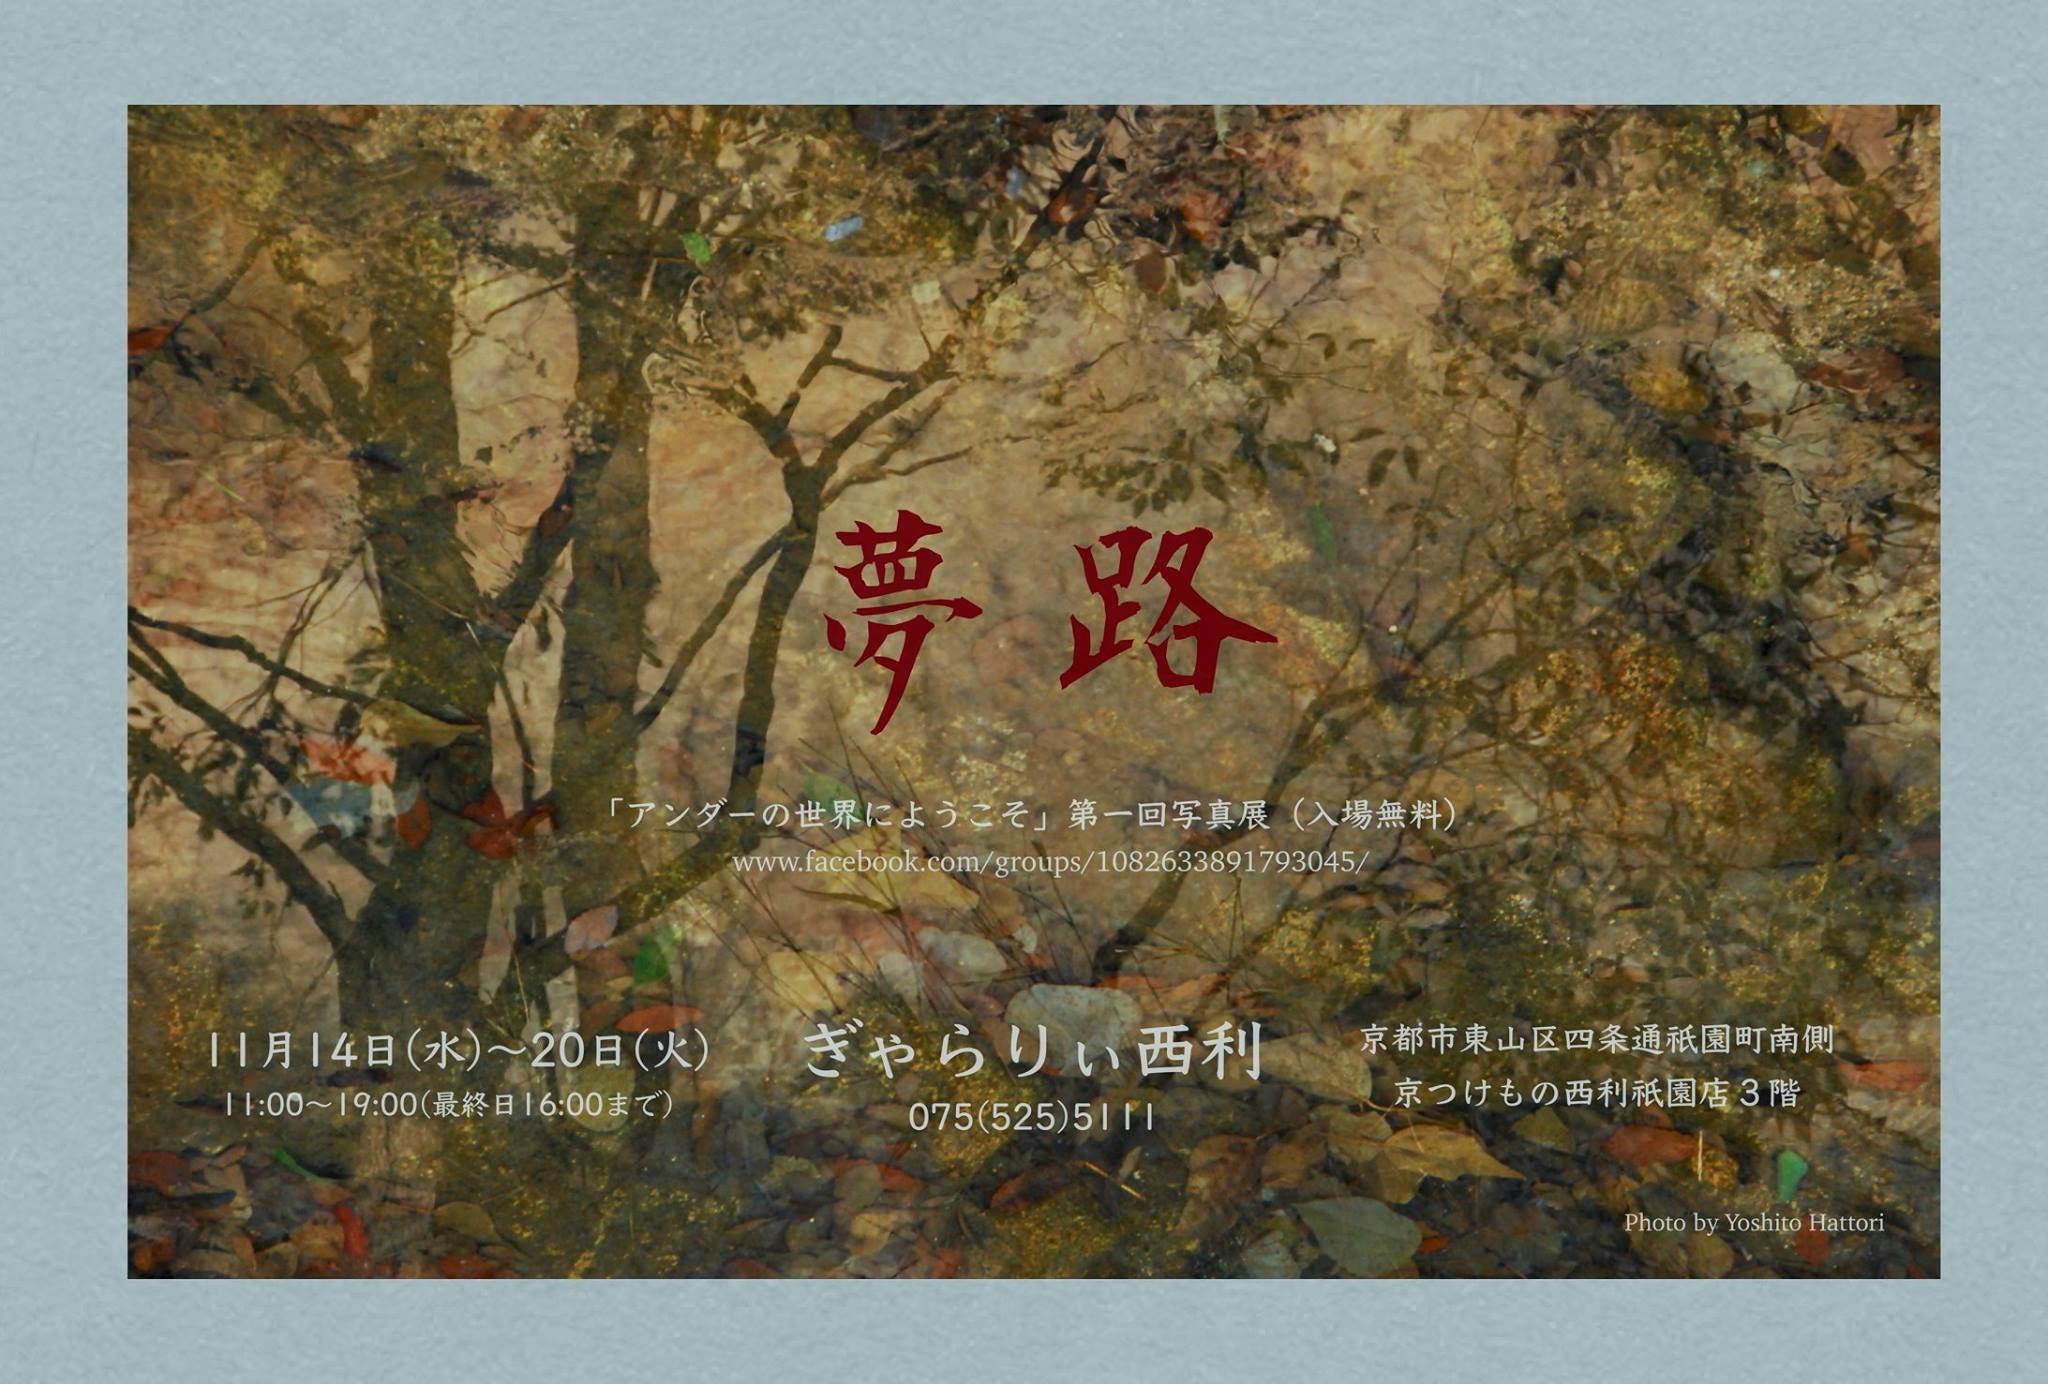 展示会名:「夢路」第一回アンダーの世界にようこそ写真展